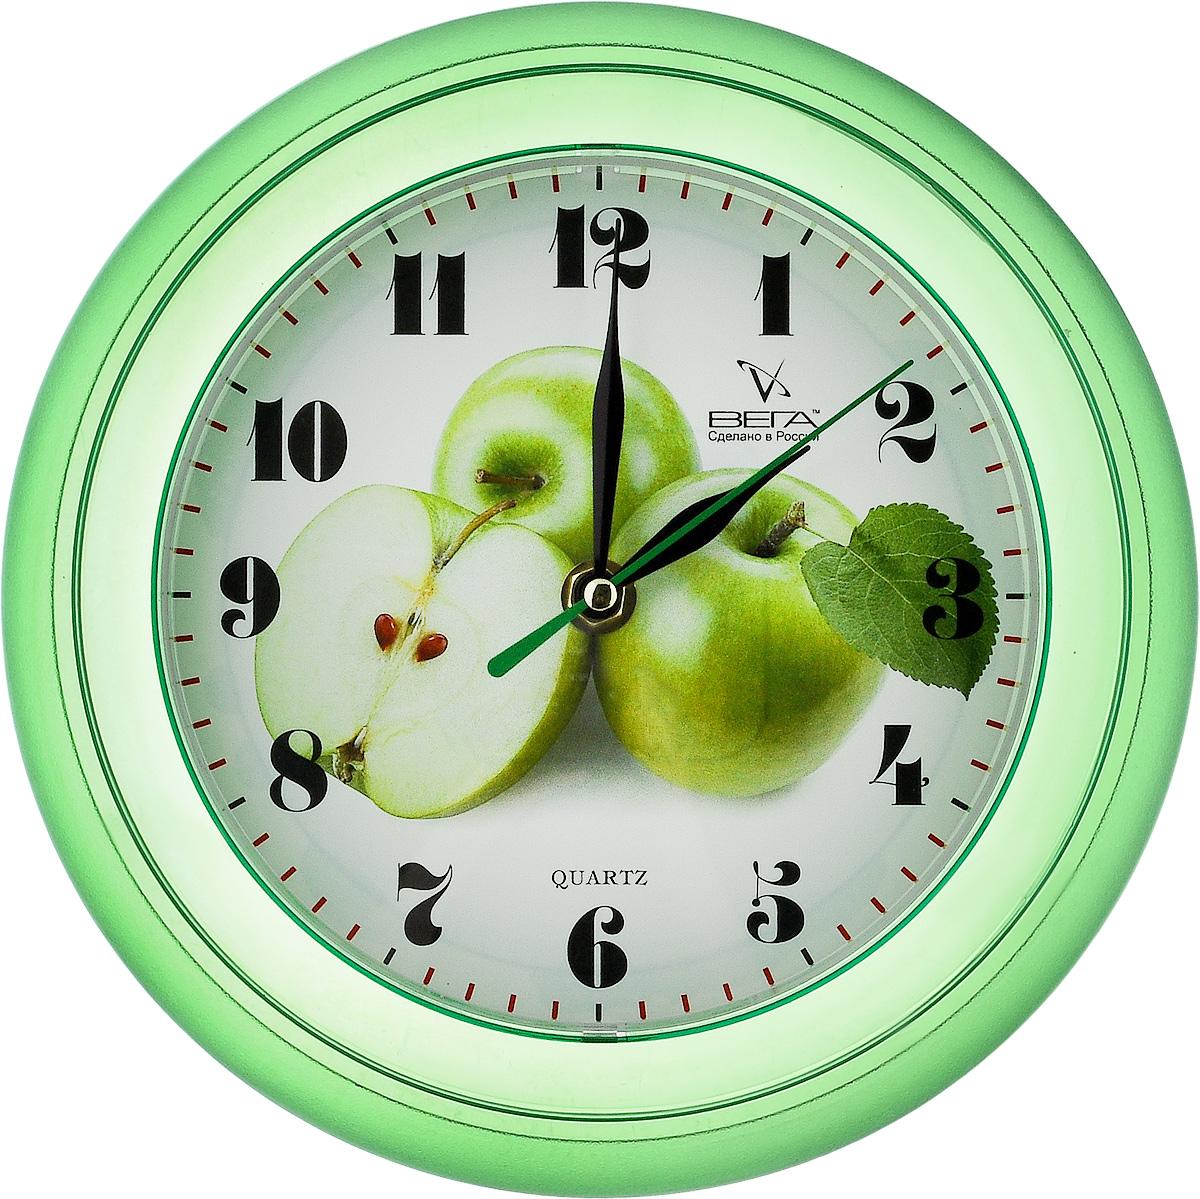 Часы настенные Вега Яблоки, диаметр 22,5 см54 009318Настенные кварцевые часы Вега Яблоки, изготовленные из пластика, прекрасно впишутся в интерьер вашего дома. Круглые часы имеют три стрелки: часовую, минутную и секундную, циферблат защищен прозрачным стеклом. Часы работают от 1 батарейки типа АА напряжением 1,5 В (не входит в комплект). Диаметр часов: 22,5 см.